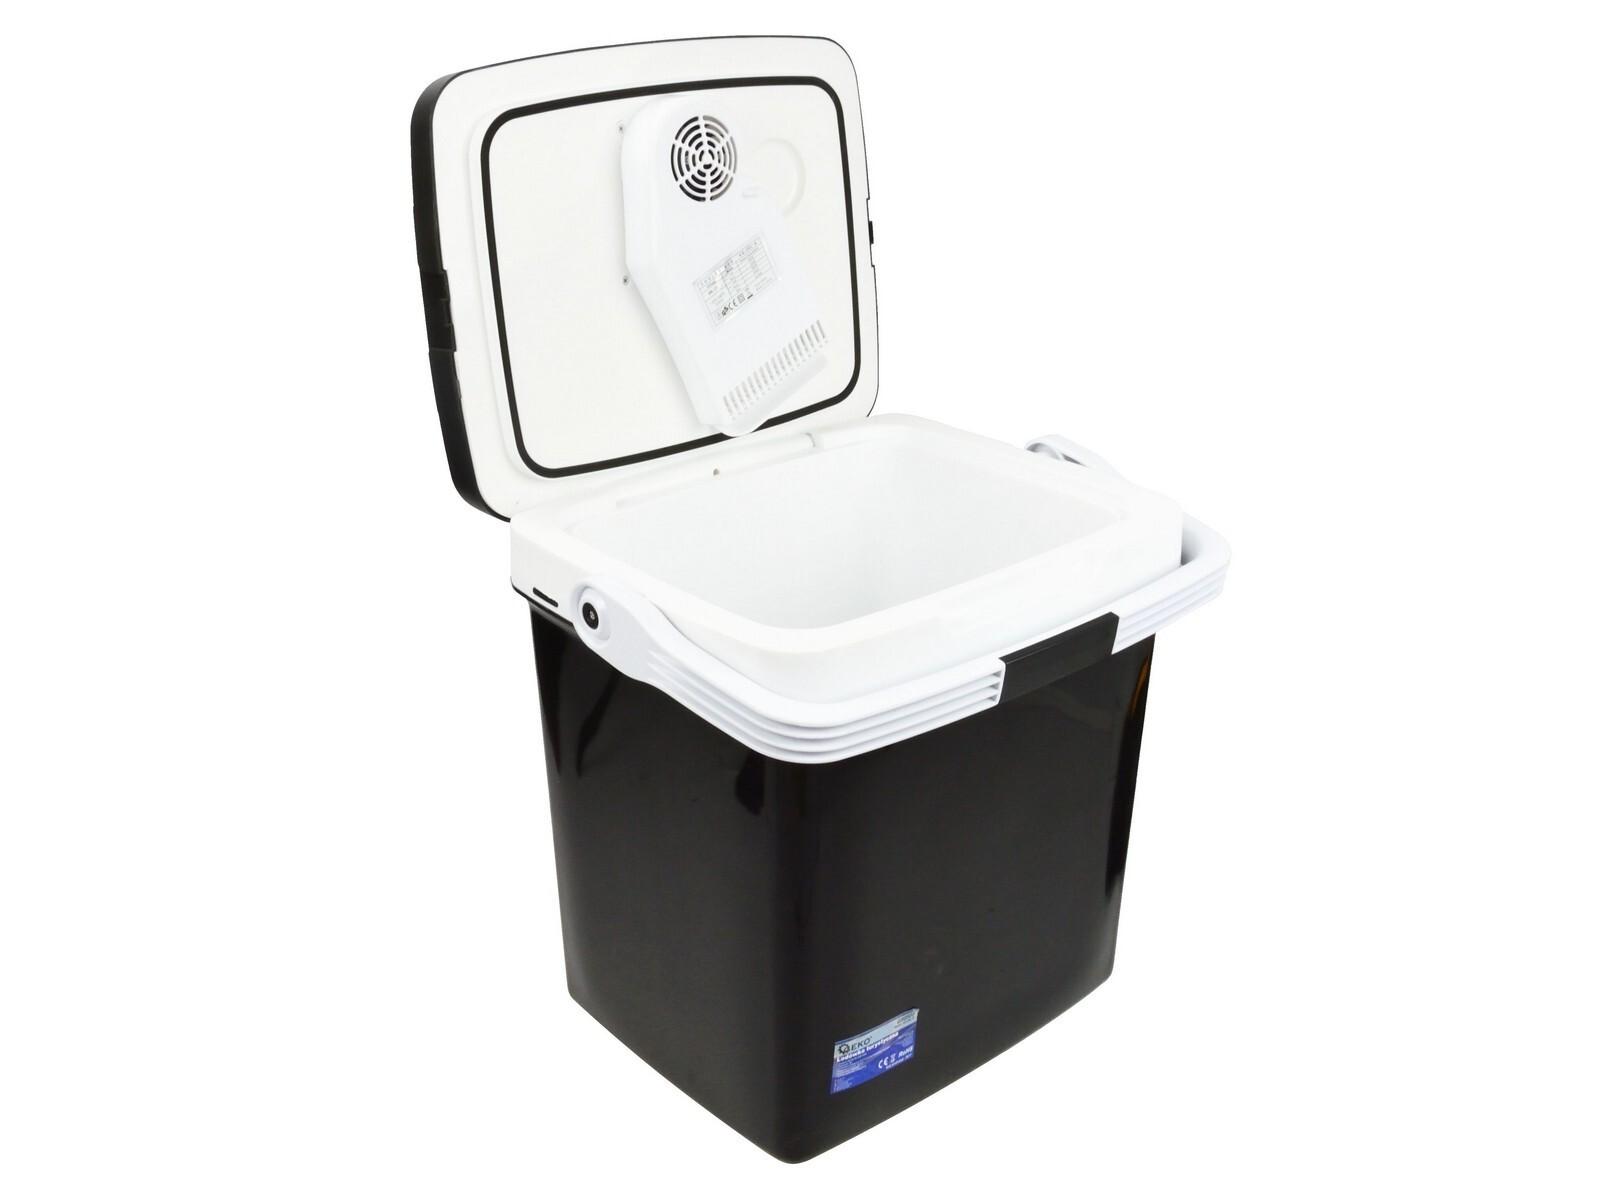 Chladící box do auta 230/12V, 26 litrů, displej s teplotou - GEKO